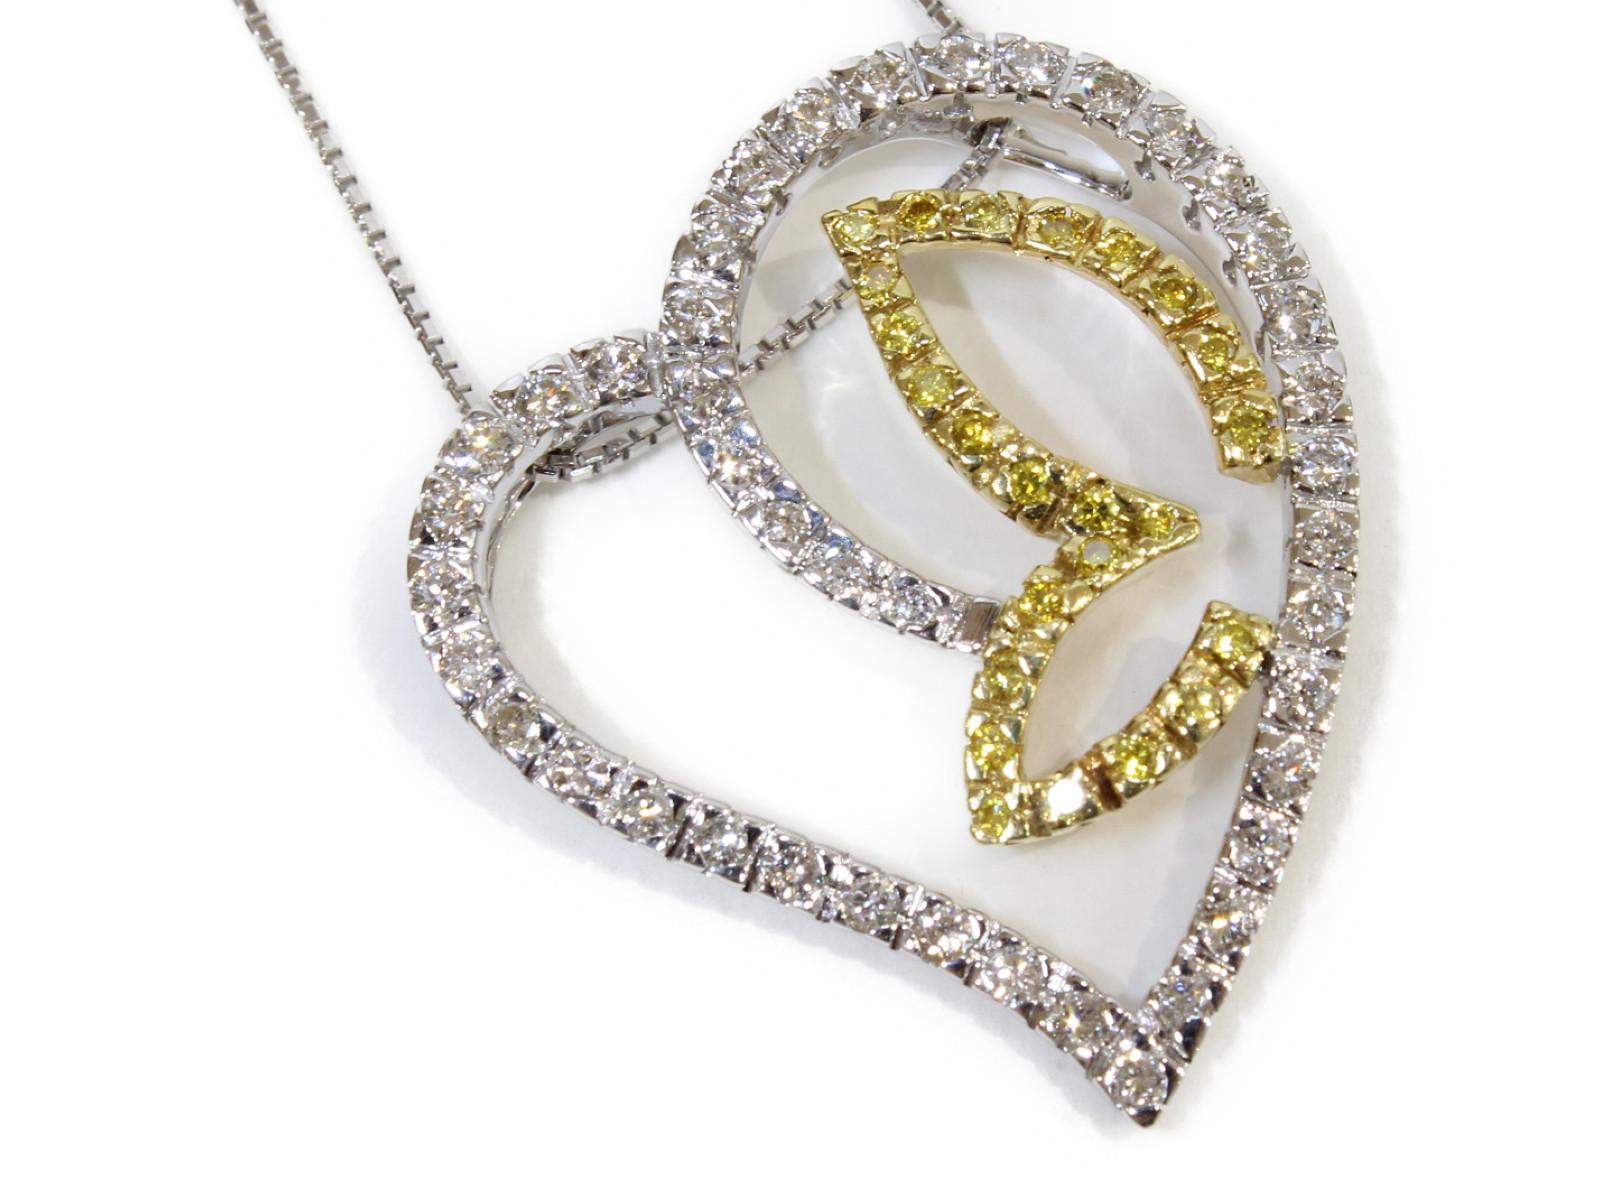 ハートネックレスダイヤモンド0.85ctK18WG 7.3g 42cm(アジャスター付)エレガント 上品 鑑別書/箱ギフト包装可 【中古】